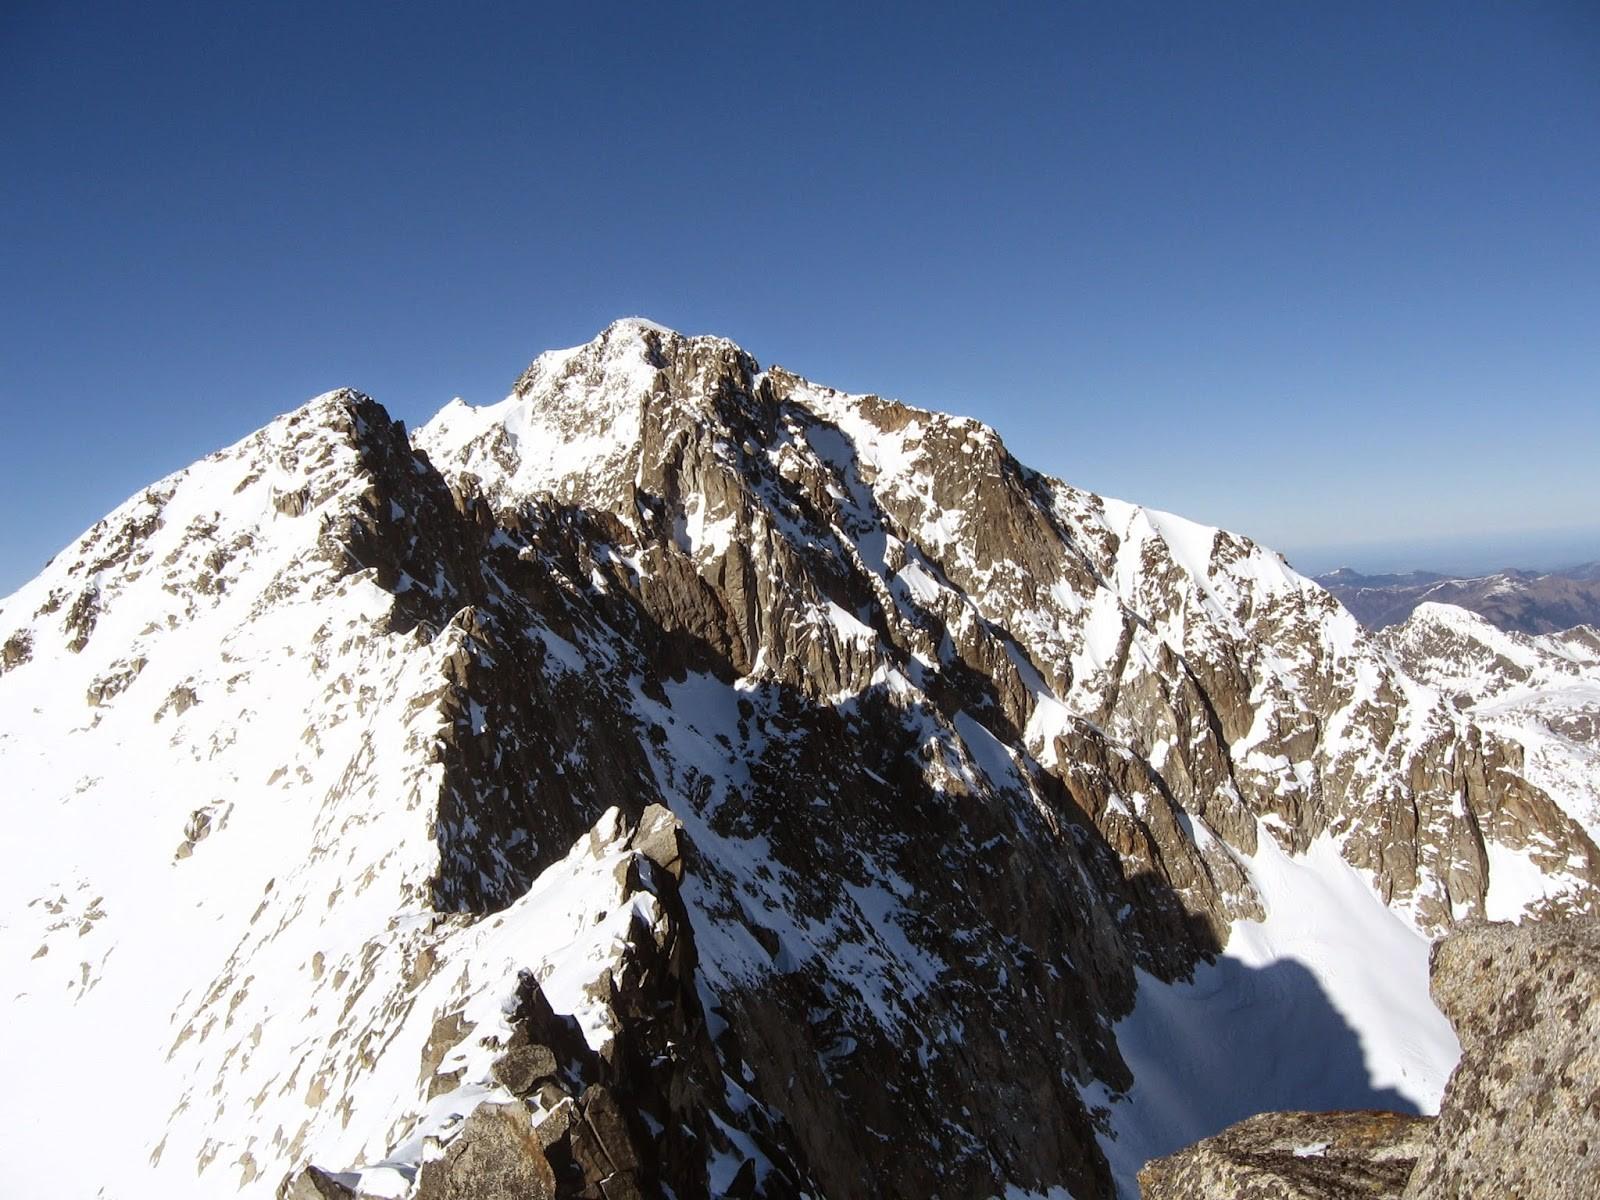 Diez consejos para subir al Aneto, el pico más alto del Pirineo